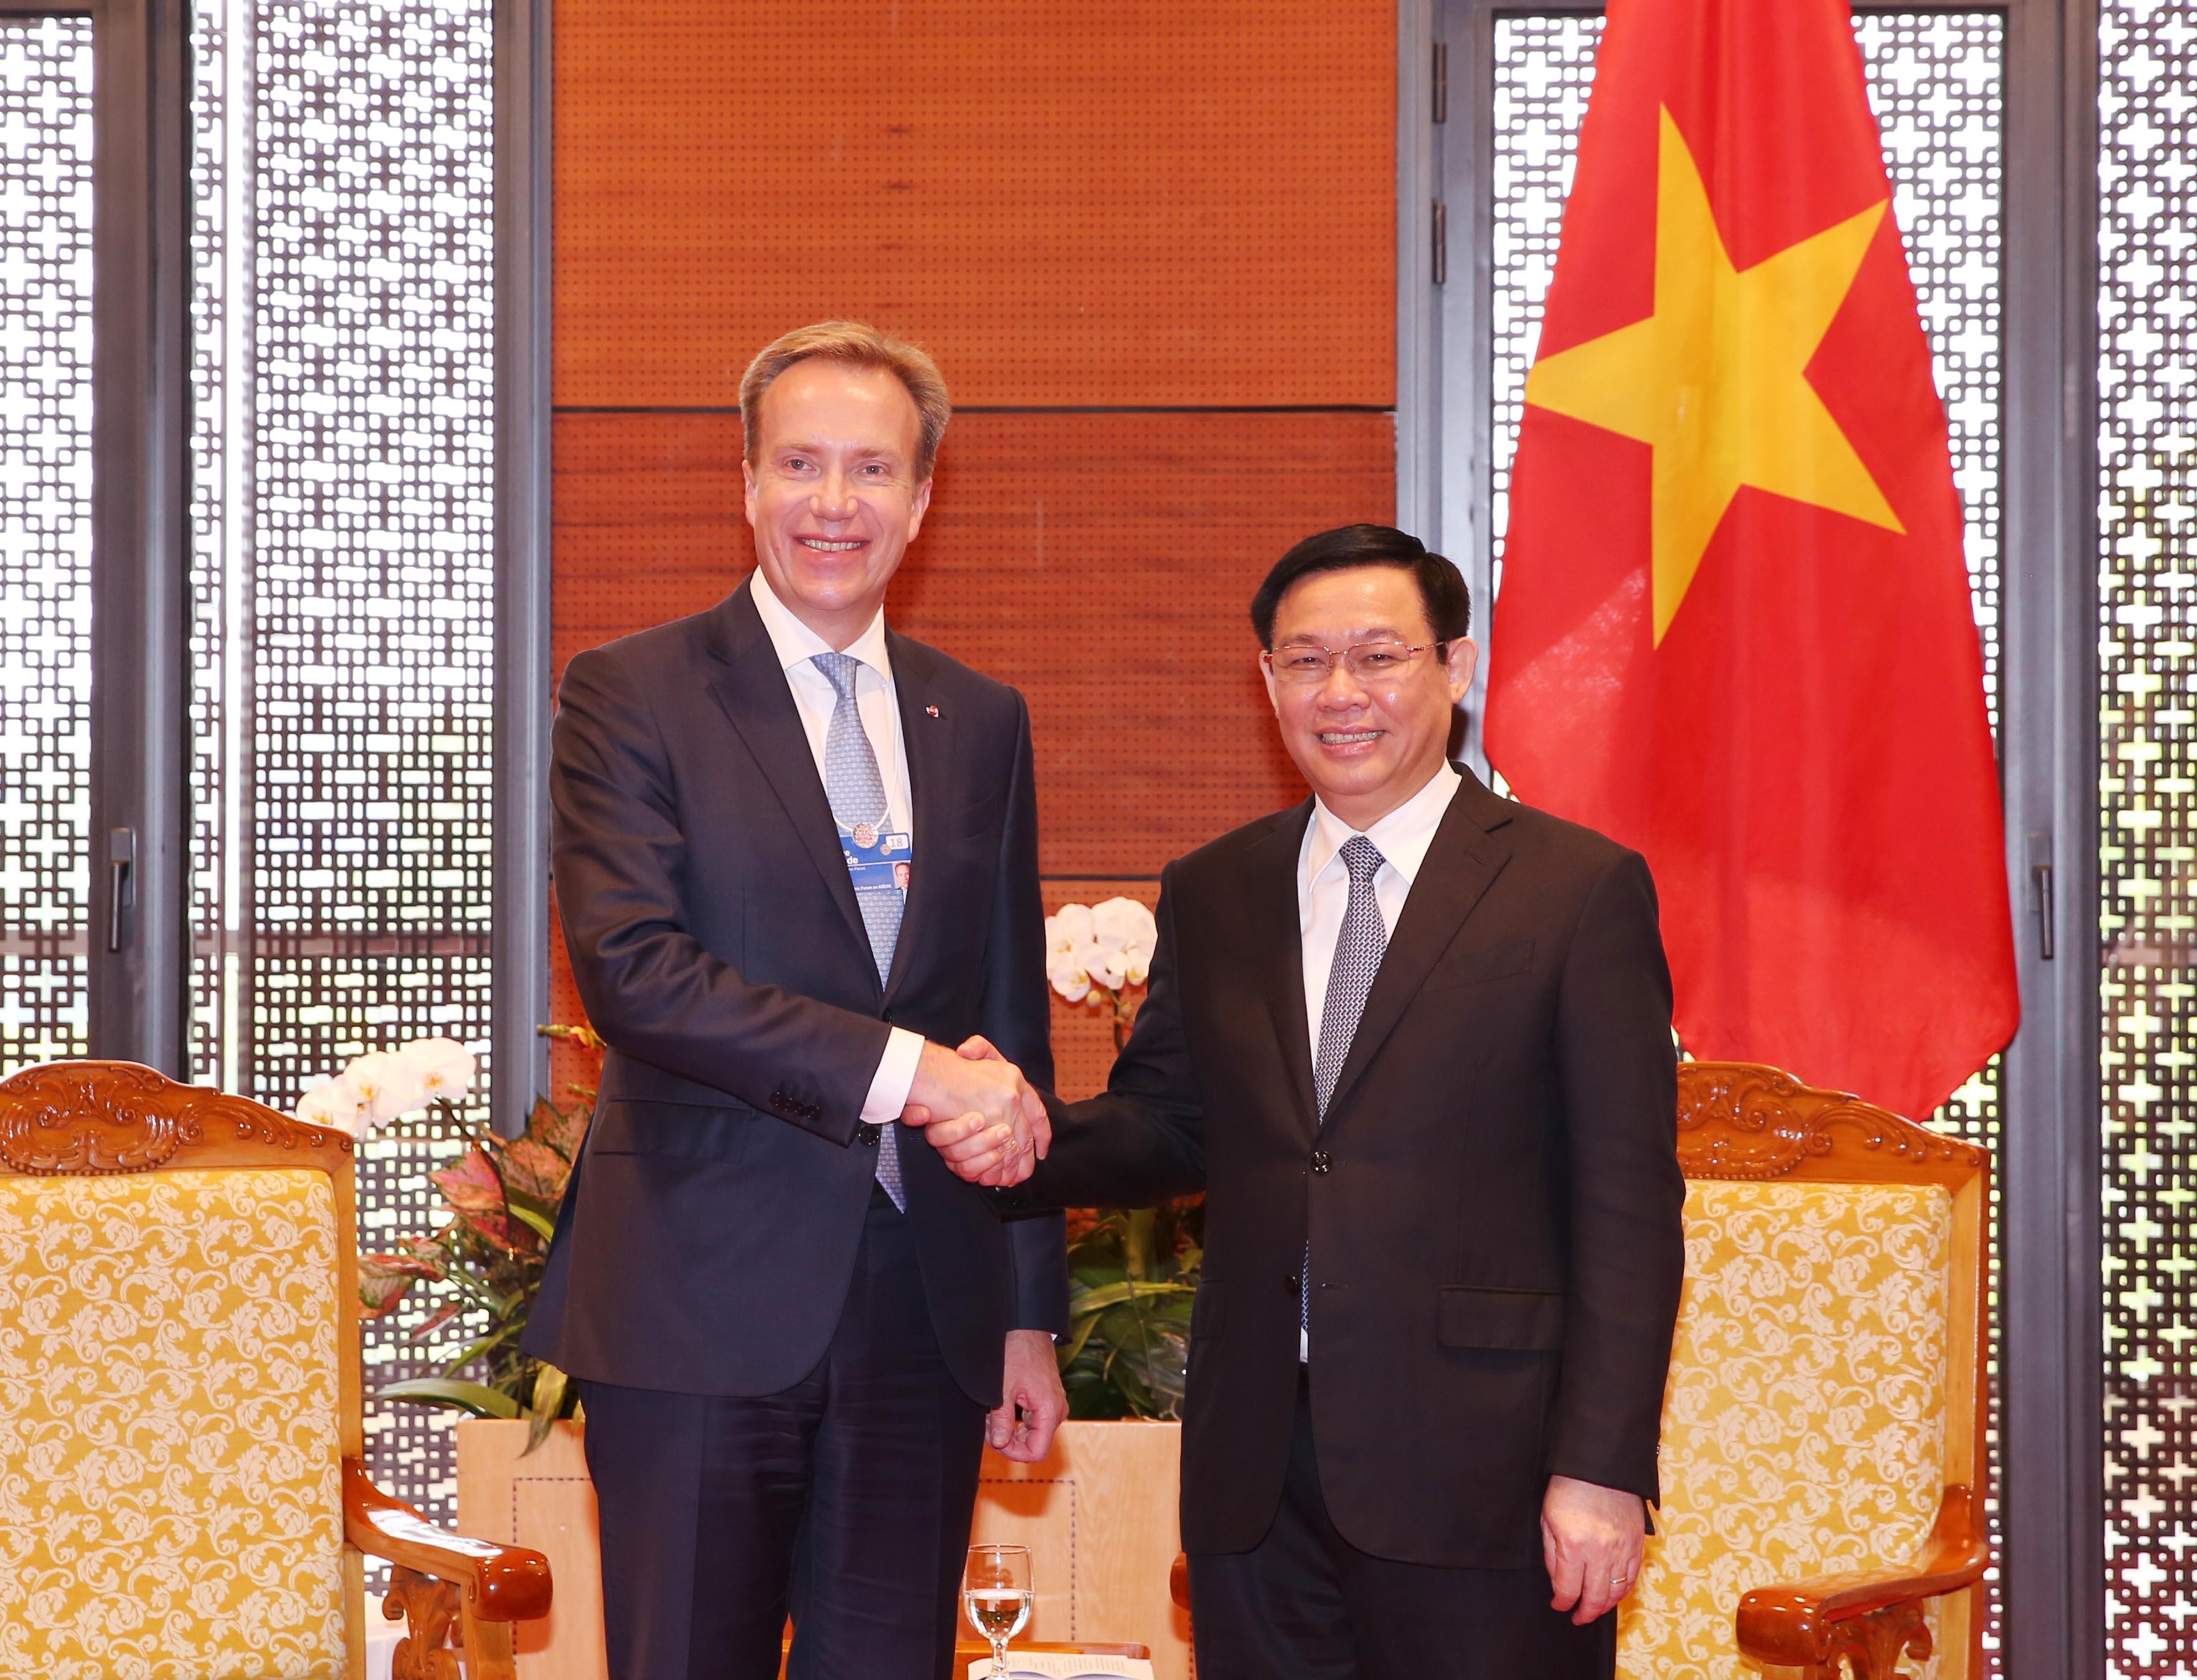 Phó Thủ tướng Vương Đình Huệ tiếp Chủ tịch điều hành Diễn đàn Kinh tế thế giới